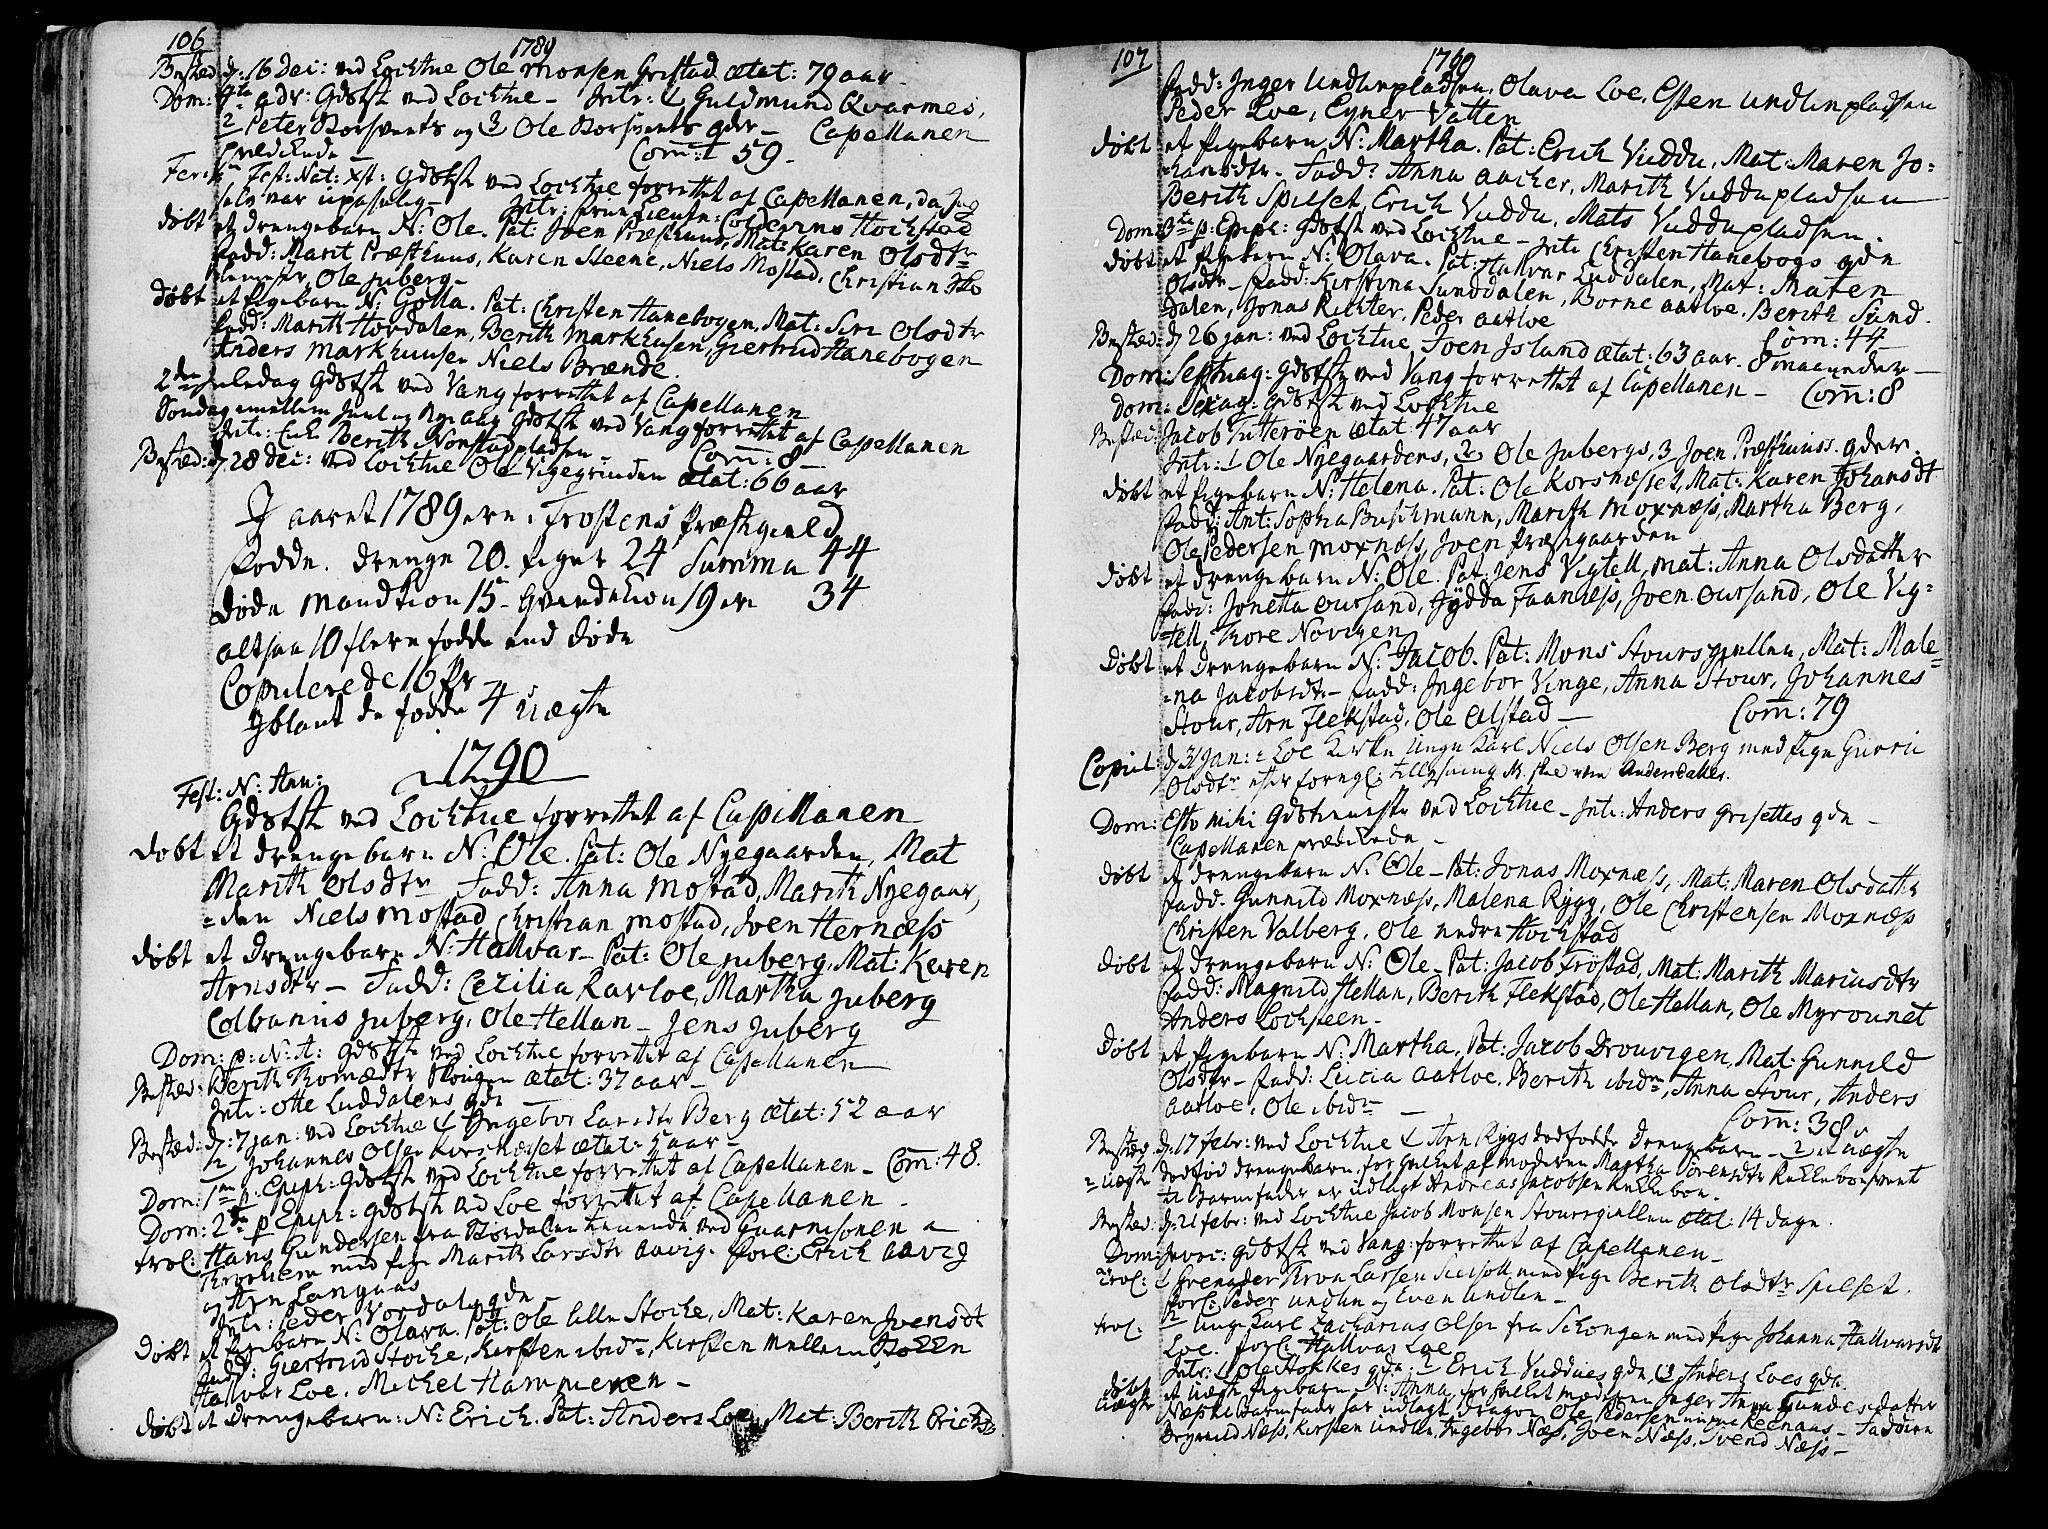 SAT, Ministerialprotokoller, klokkerbøker og fødselsregistre - Nord-Trøndelag, 713/L0110: Ministerialbok nr. 713A02, 1778-1811, s. 106-107